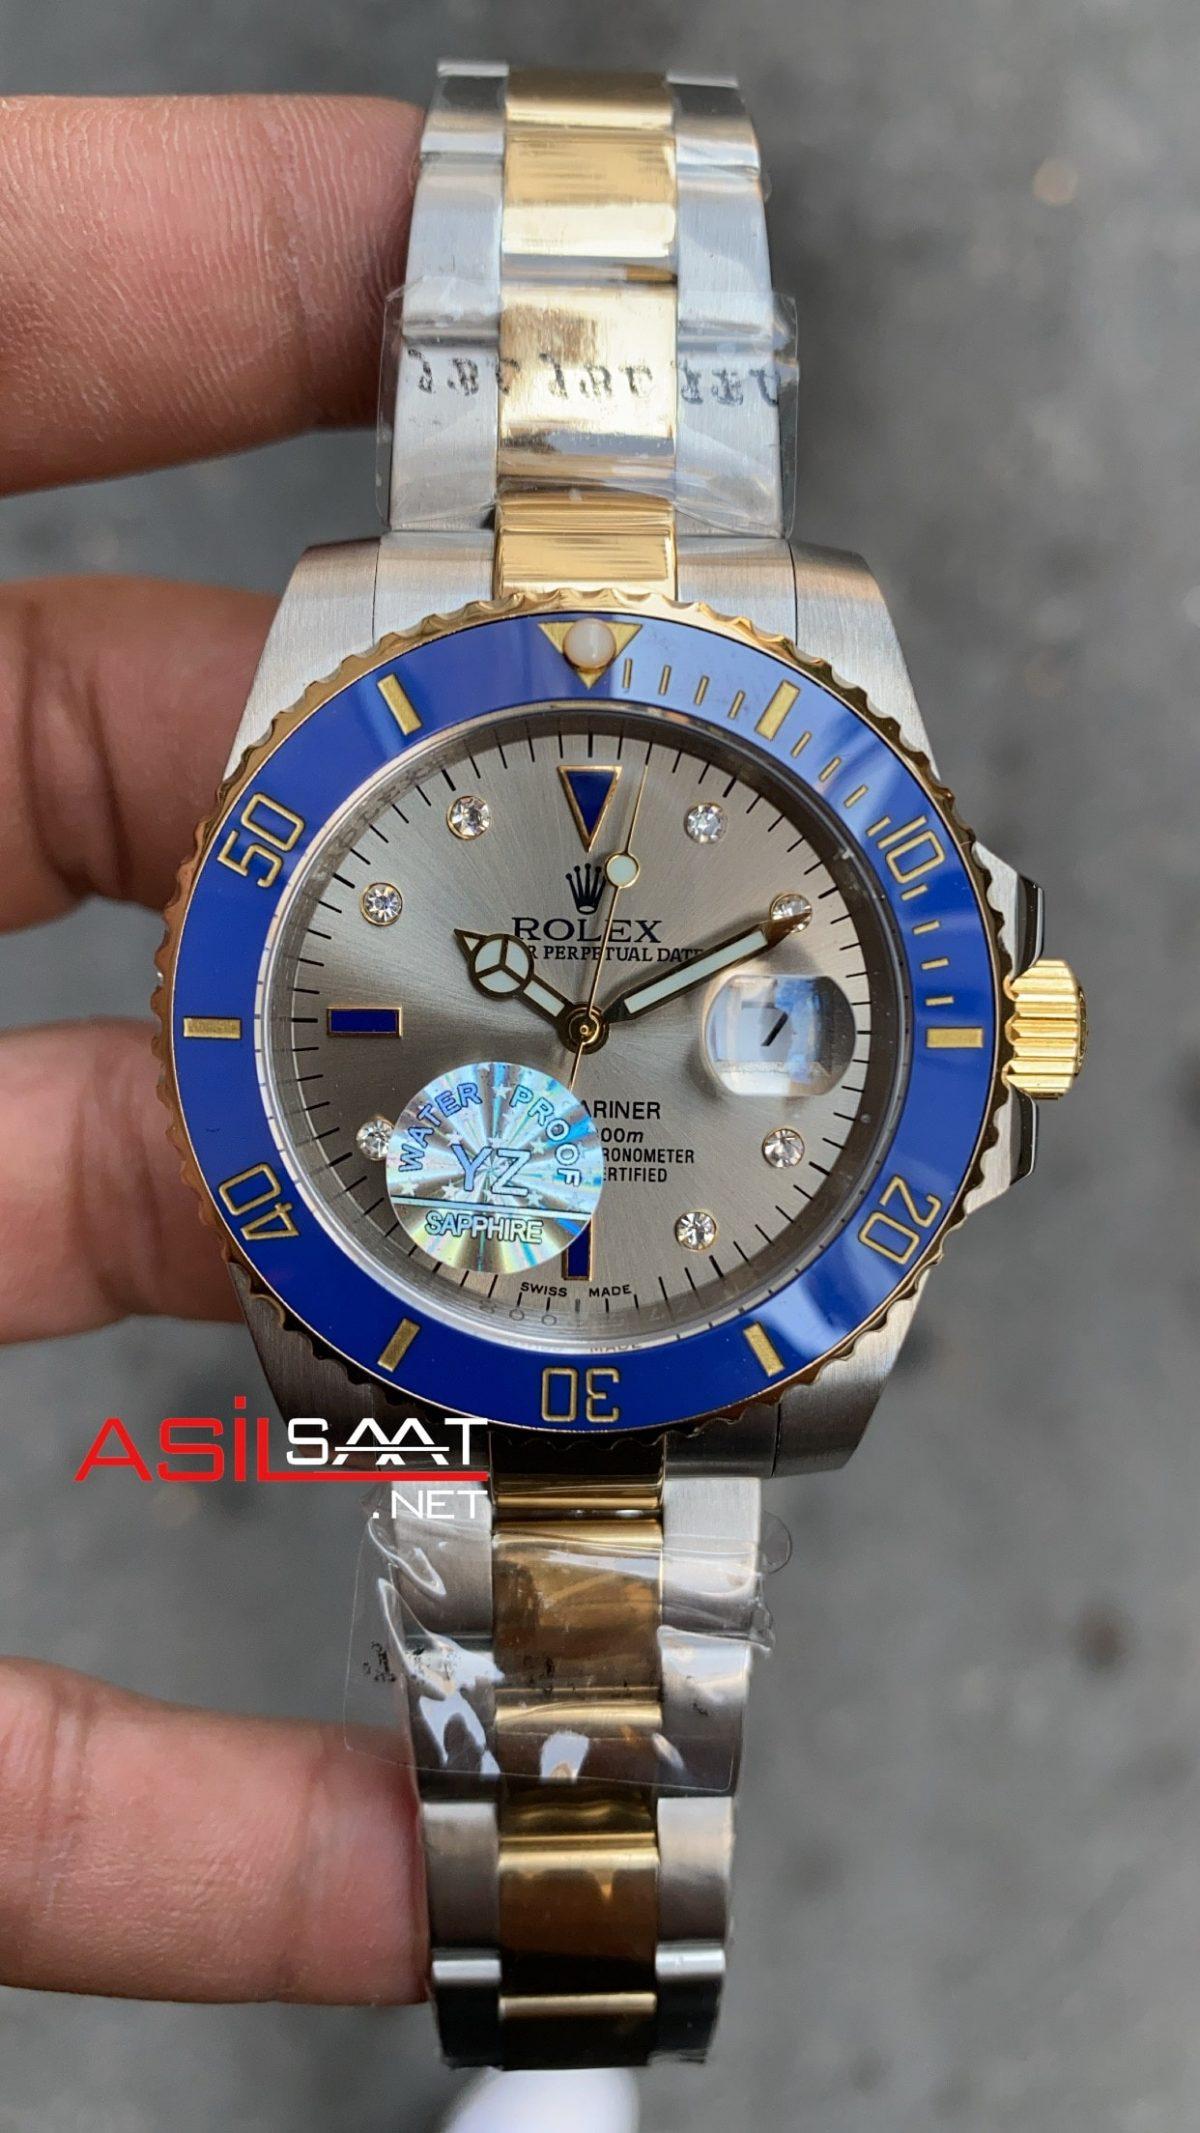 Rolex Submariner Serti 16613 ROLS009